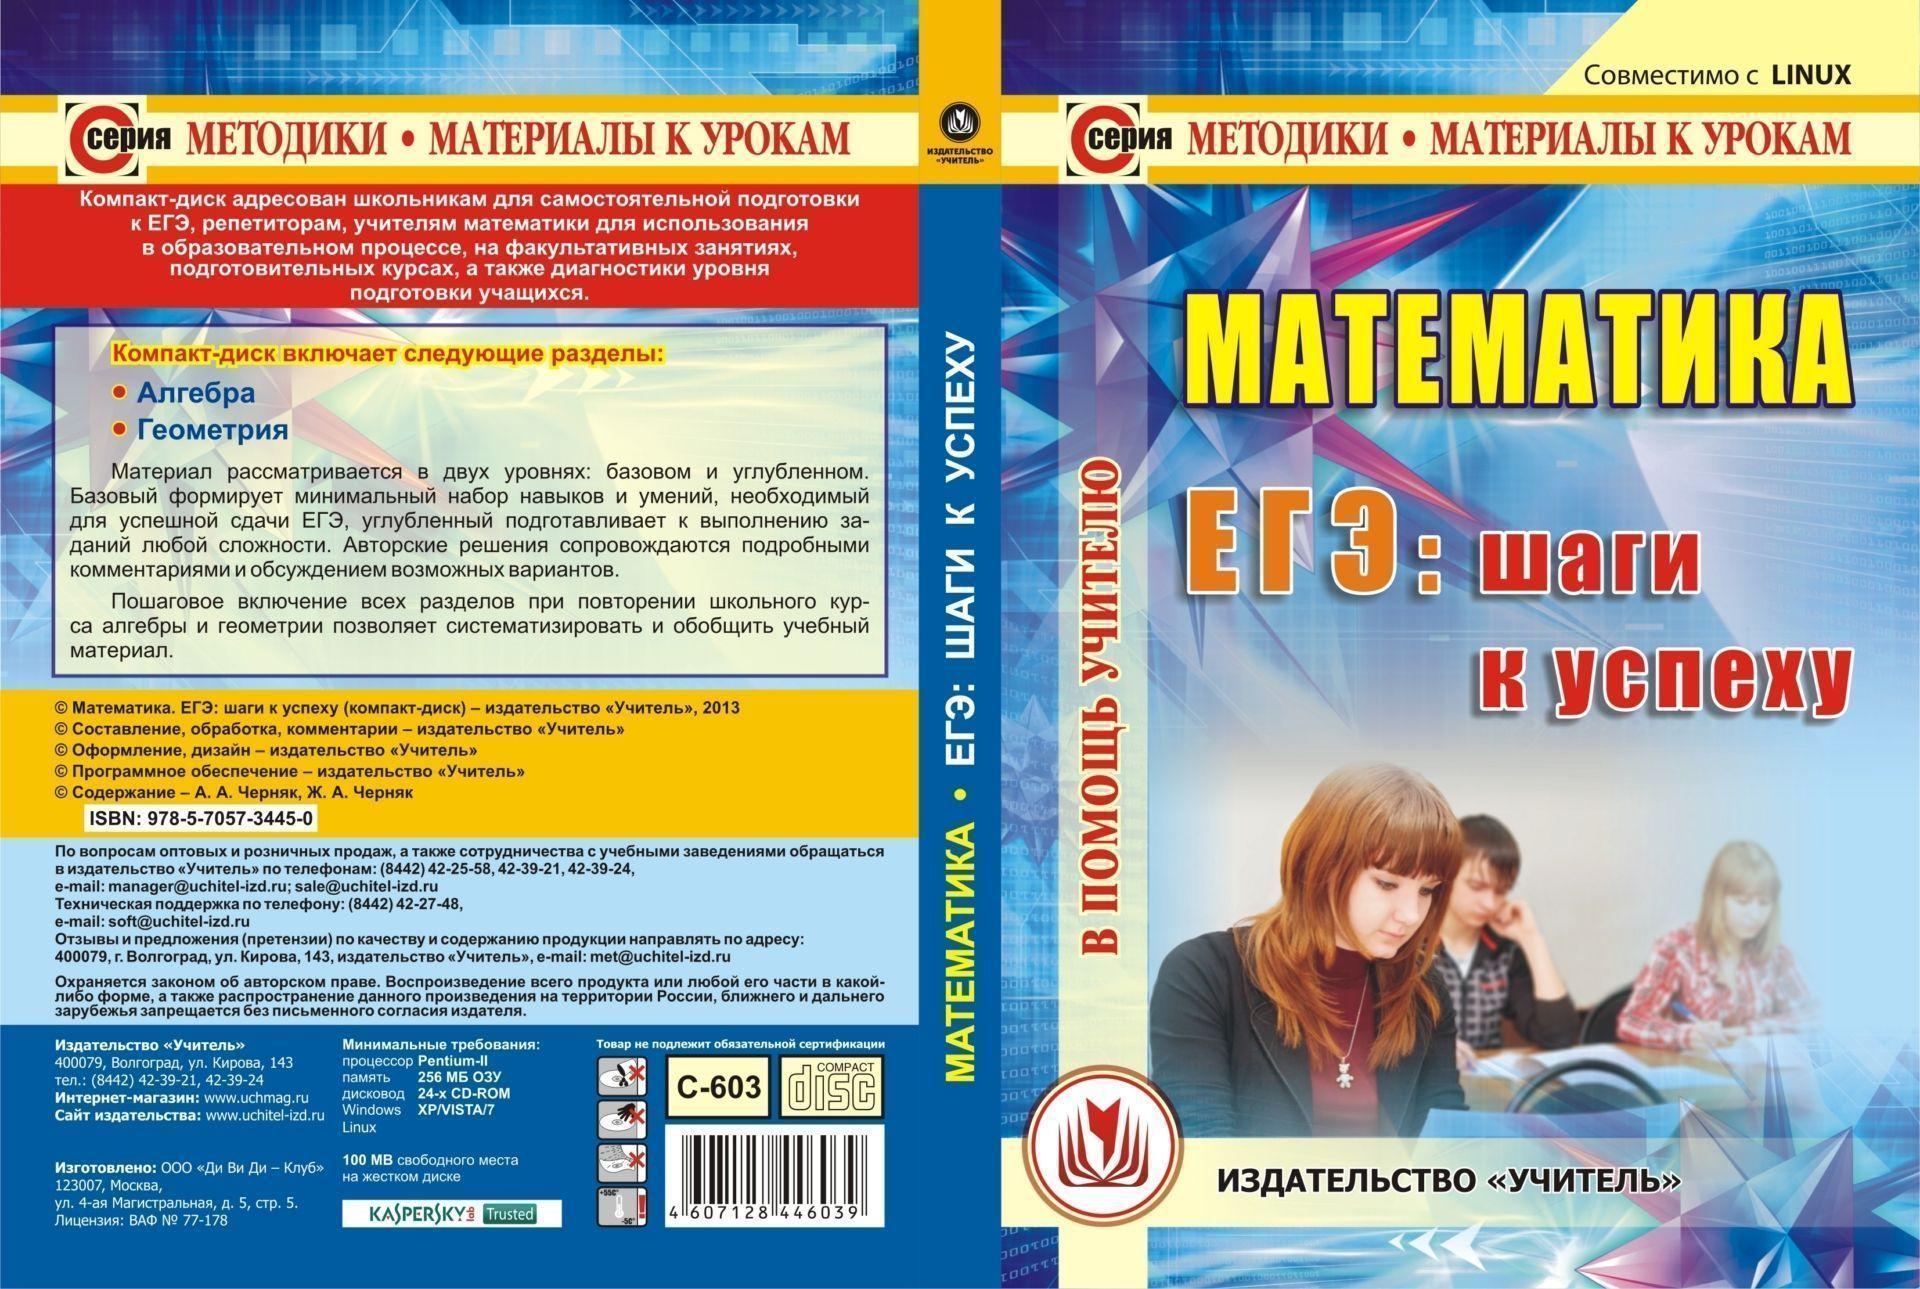 Математика. ЕГЭ: шаги к успеху. Компакт-диск для компьютераАбитуриентам<br>Компакт-диск Математика. ЕГЭ: шаги к успеху серии Методики. Материалы к урокам предназначен школьникам для самостоятельной подготовки к ЕГЭ, репетиторам, учителям математики для использования в образовательном процессе, на факультативных занятиях, под...<br><br>Авторы: Черняк А. А., Черняк Ж. А.<br>Год: 2013<br>Серия: Методики. Материалы к урокам<br>Высота: 190<br>Ширина: 135<br>Толщина: 12